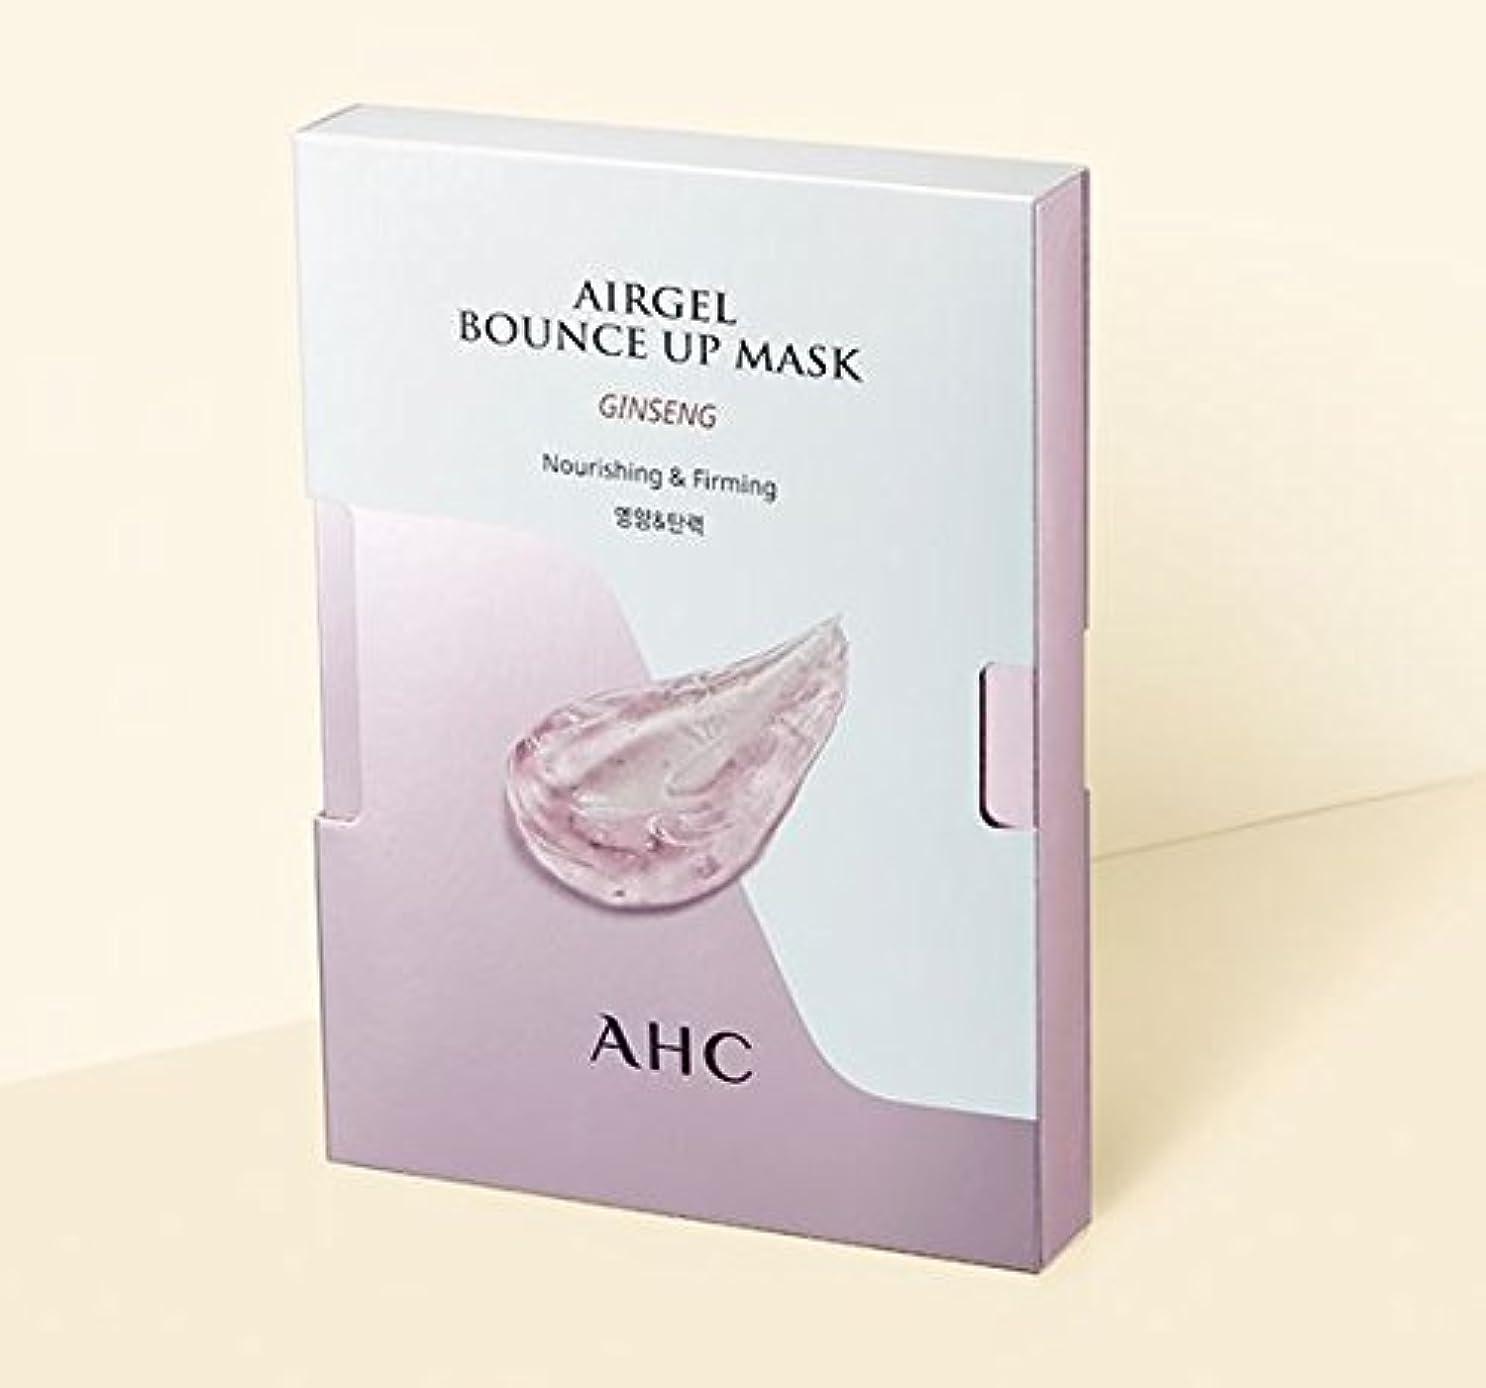 おかしい作動する落胆させる[A.H.C] Airgel Bounce Up Mask GINSENG (Nourishing&Firming)30g*5sheet/ジンセンエアゲルマスク30g*5枚 [並行輸入品]